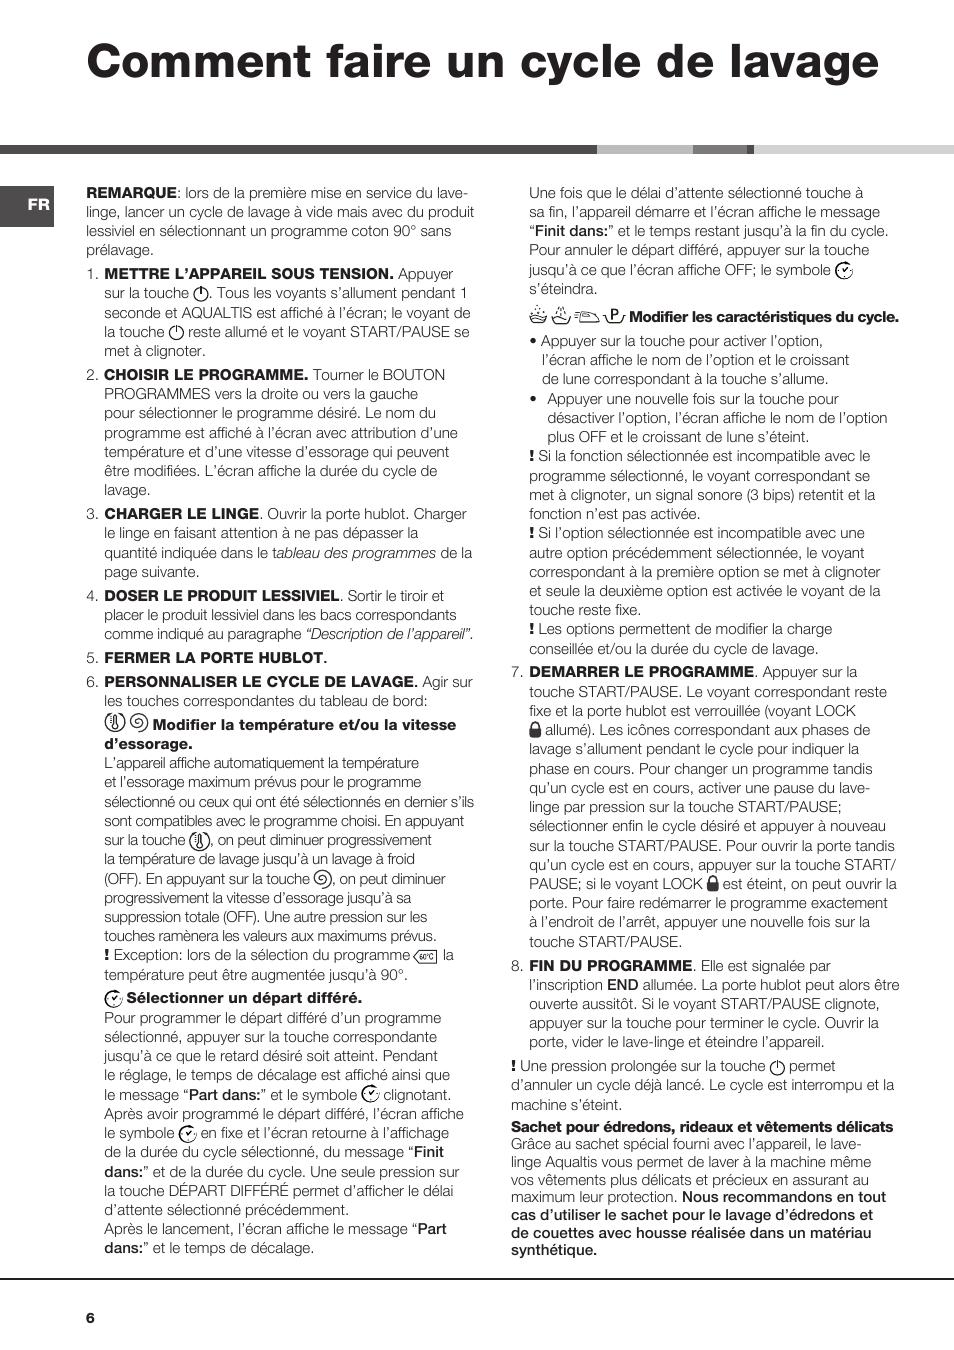 Comment faire un cycle de lavage hotpoint ariston aqualtis aq113d 69 fr man - Comment faire des travaux manuels ...